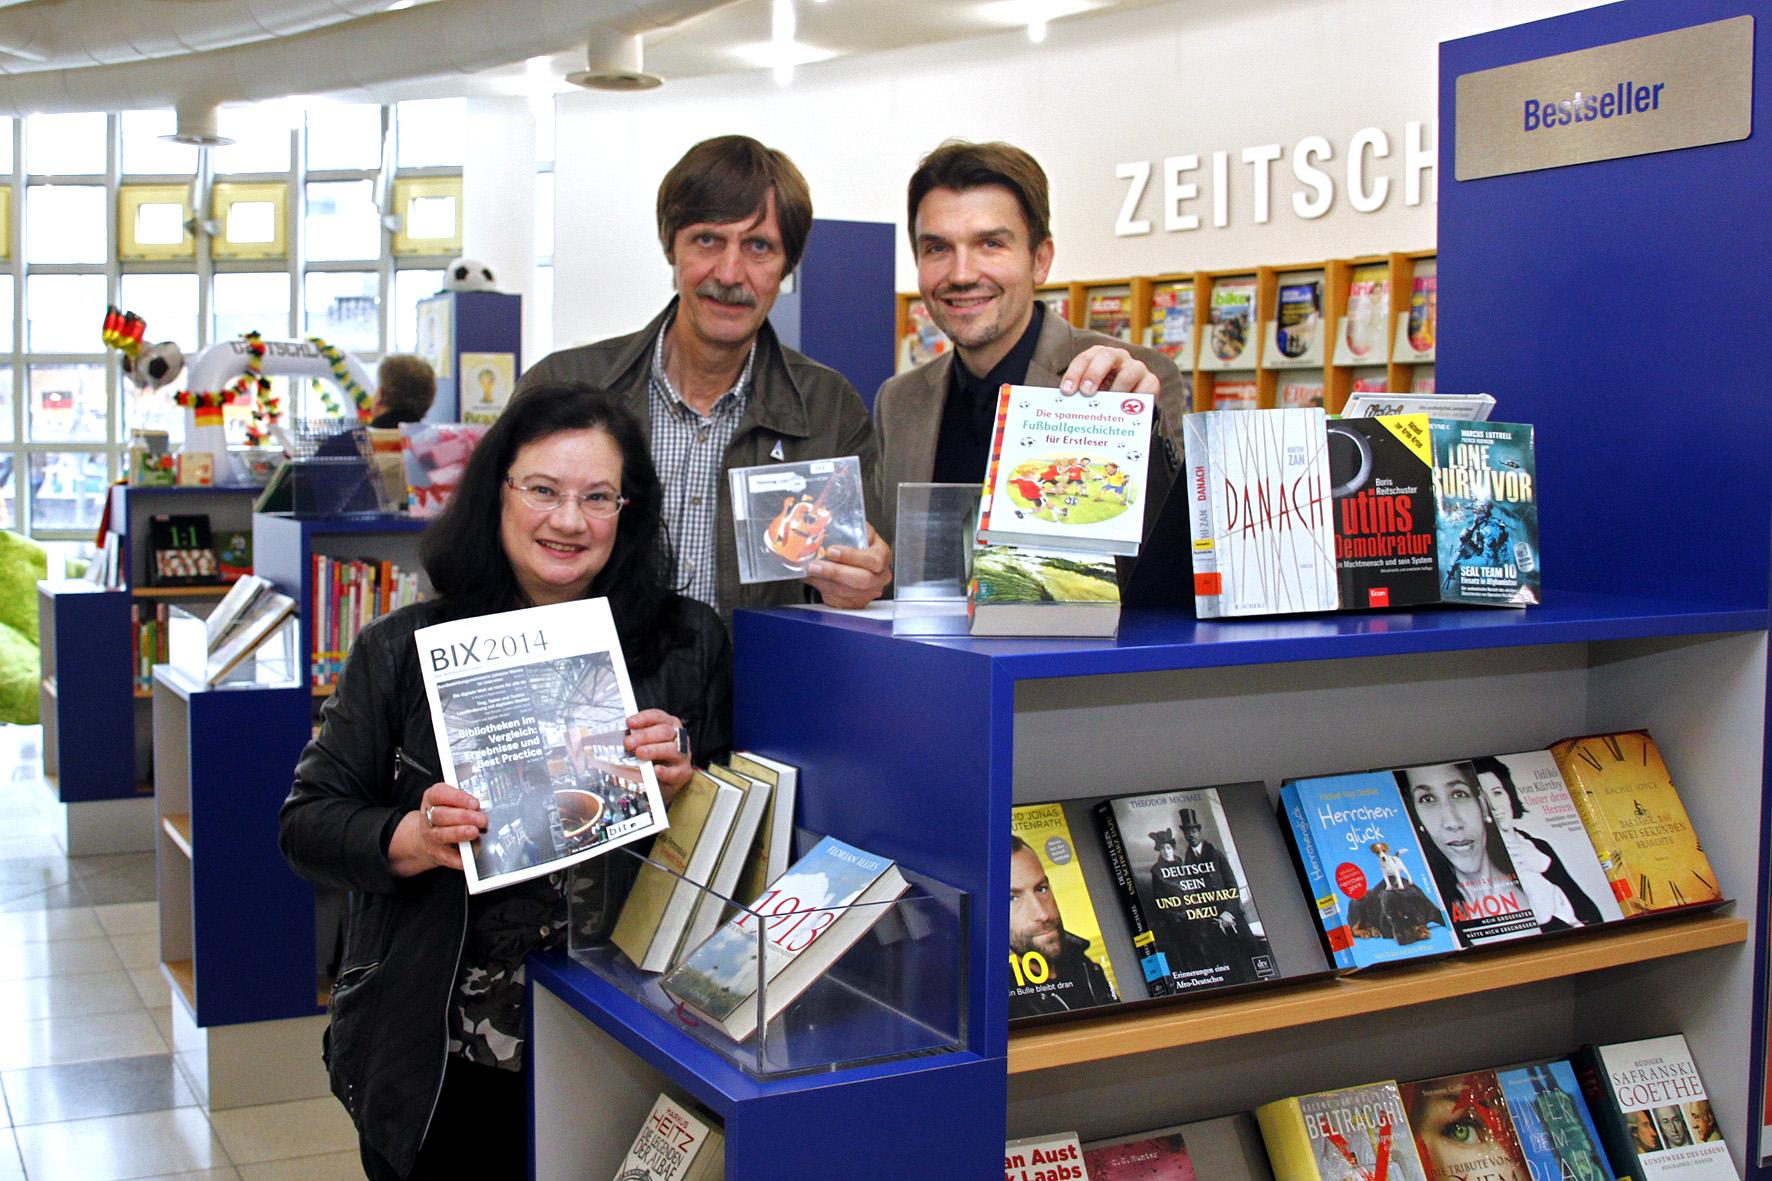 Leiterin der Stadtbibliothek Marie-Luise Karla, Fachbereichsleiter Bildung, Kultur und Sport Ulrich Stromberg und Bürgermeister Dr. Uli Paetzel freuen sich über die Topergebnisse des bundesweiten Bibliotheksindex.